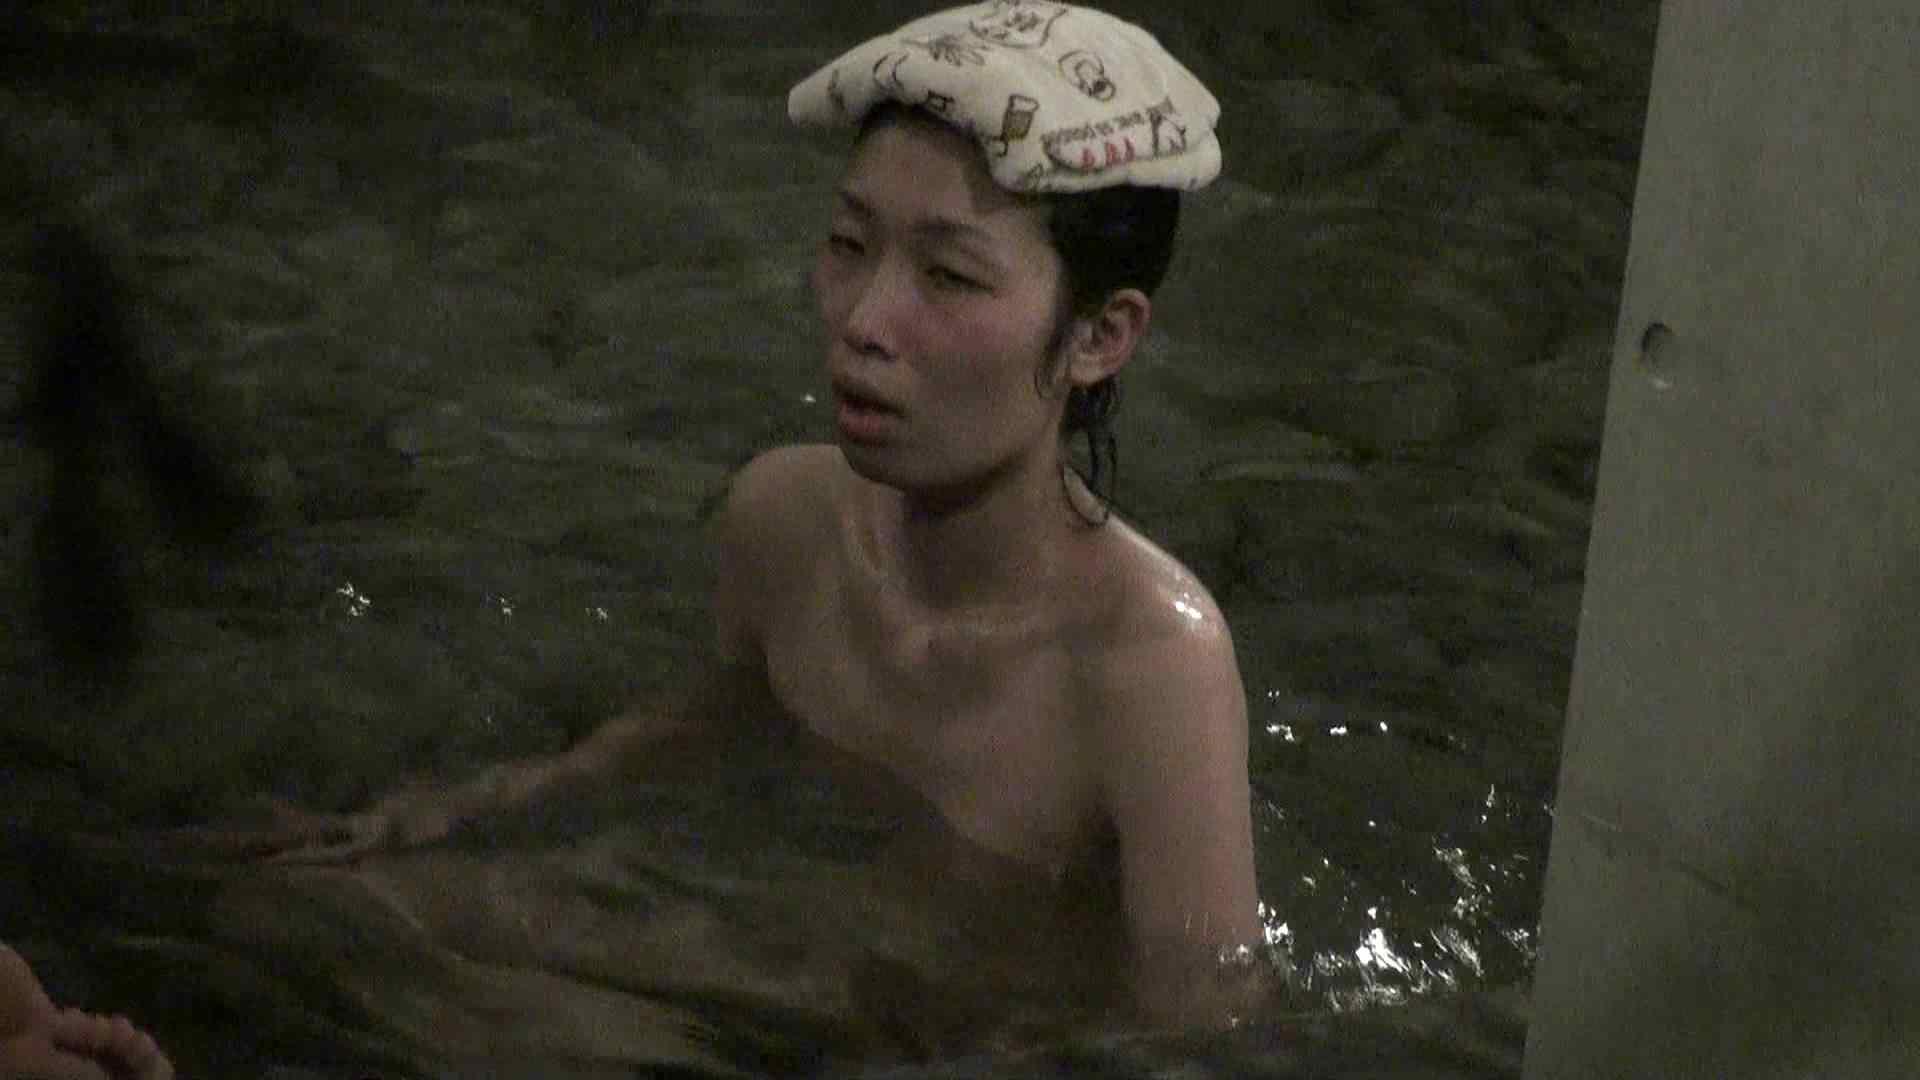 Aquaな露天風呂Vol.399 盗撮  67画像 45